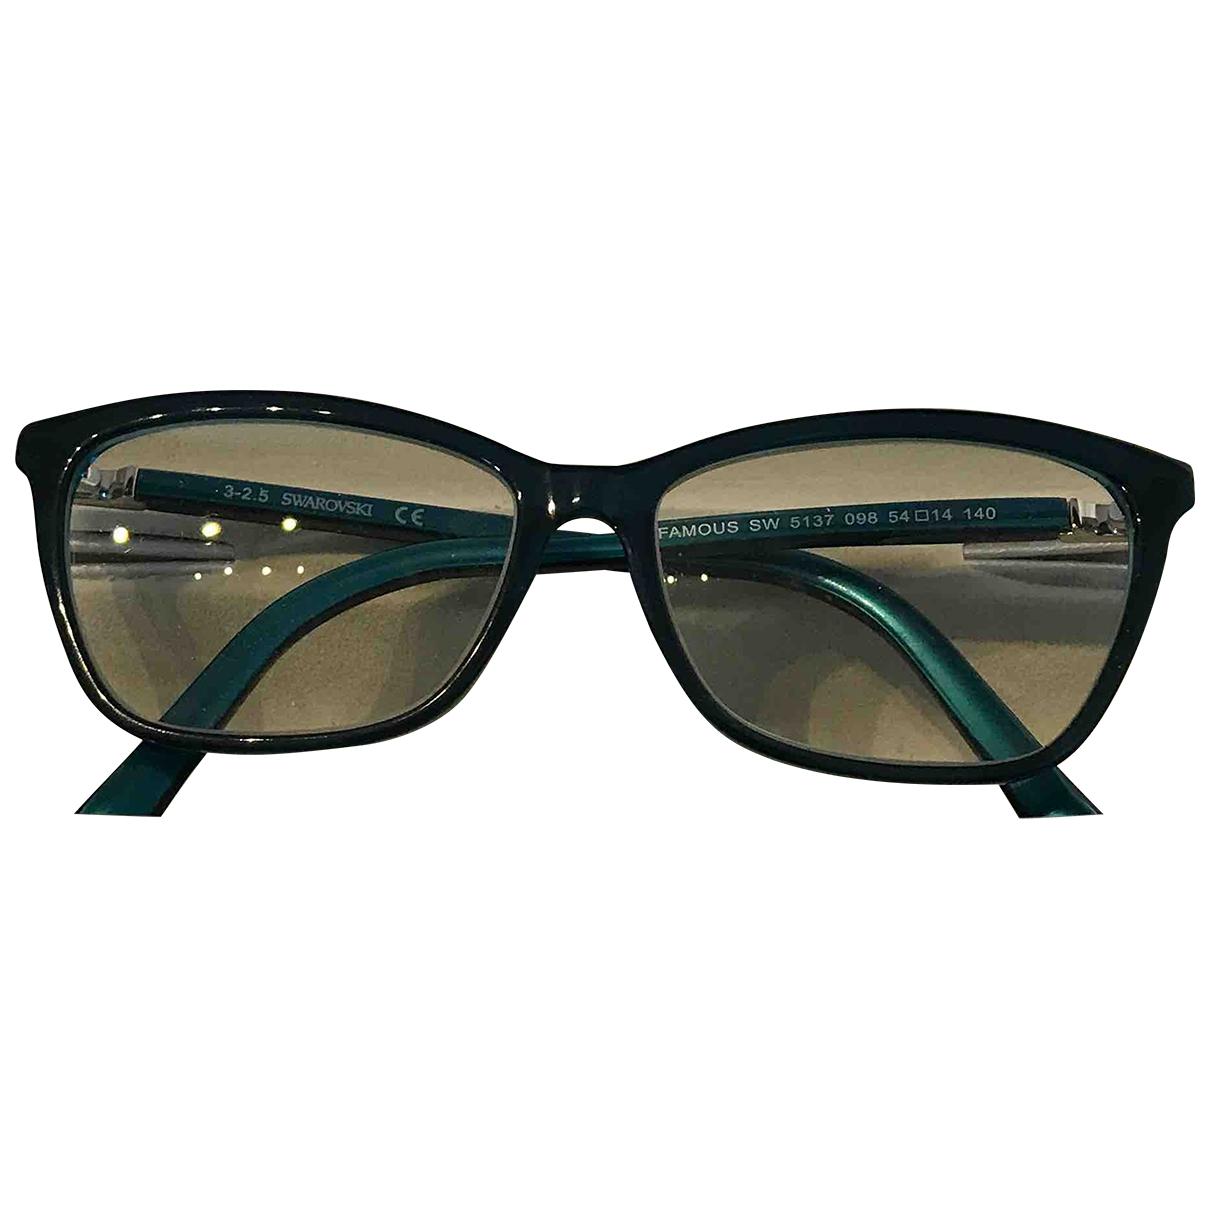 Swarovski - Lunettes   pour femme - turquoise